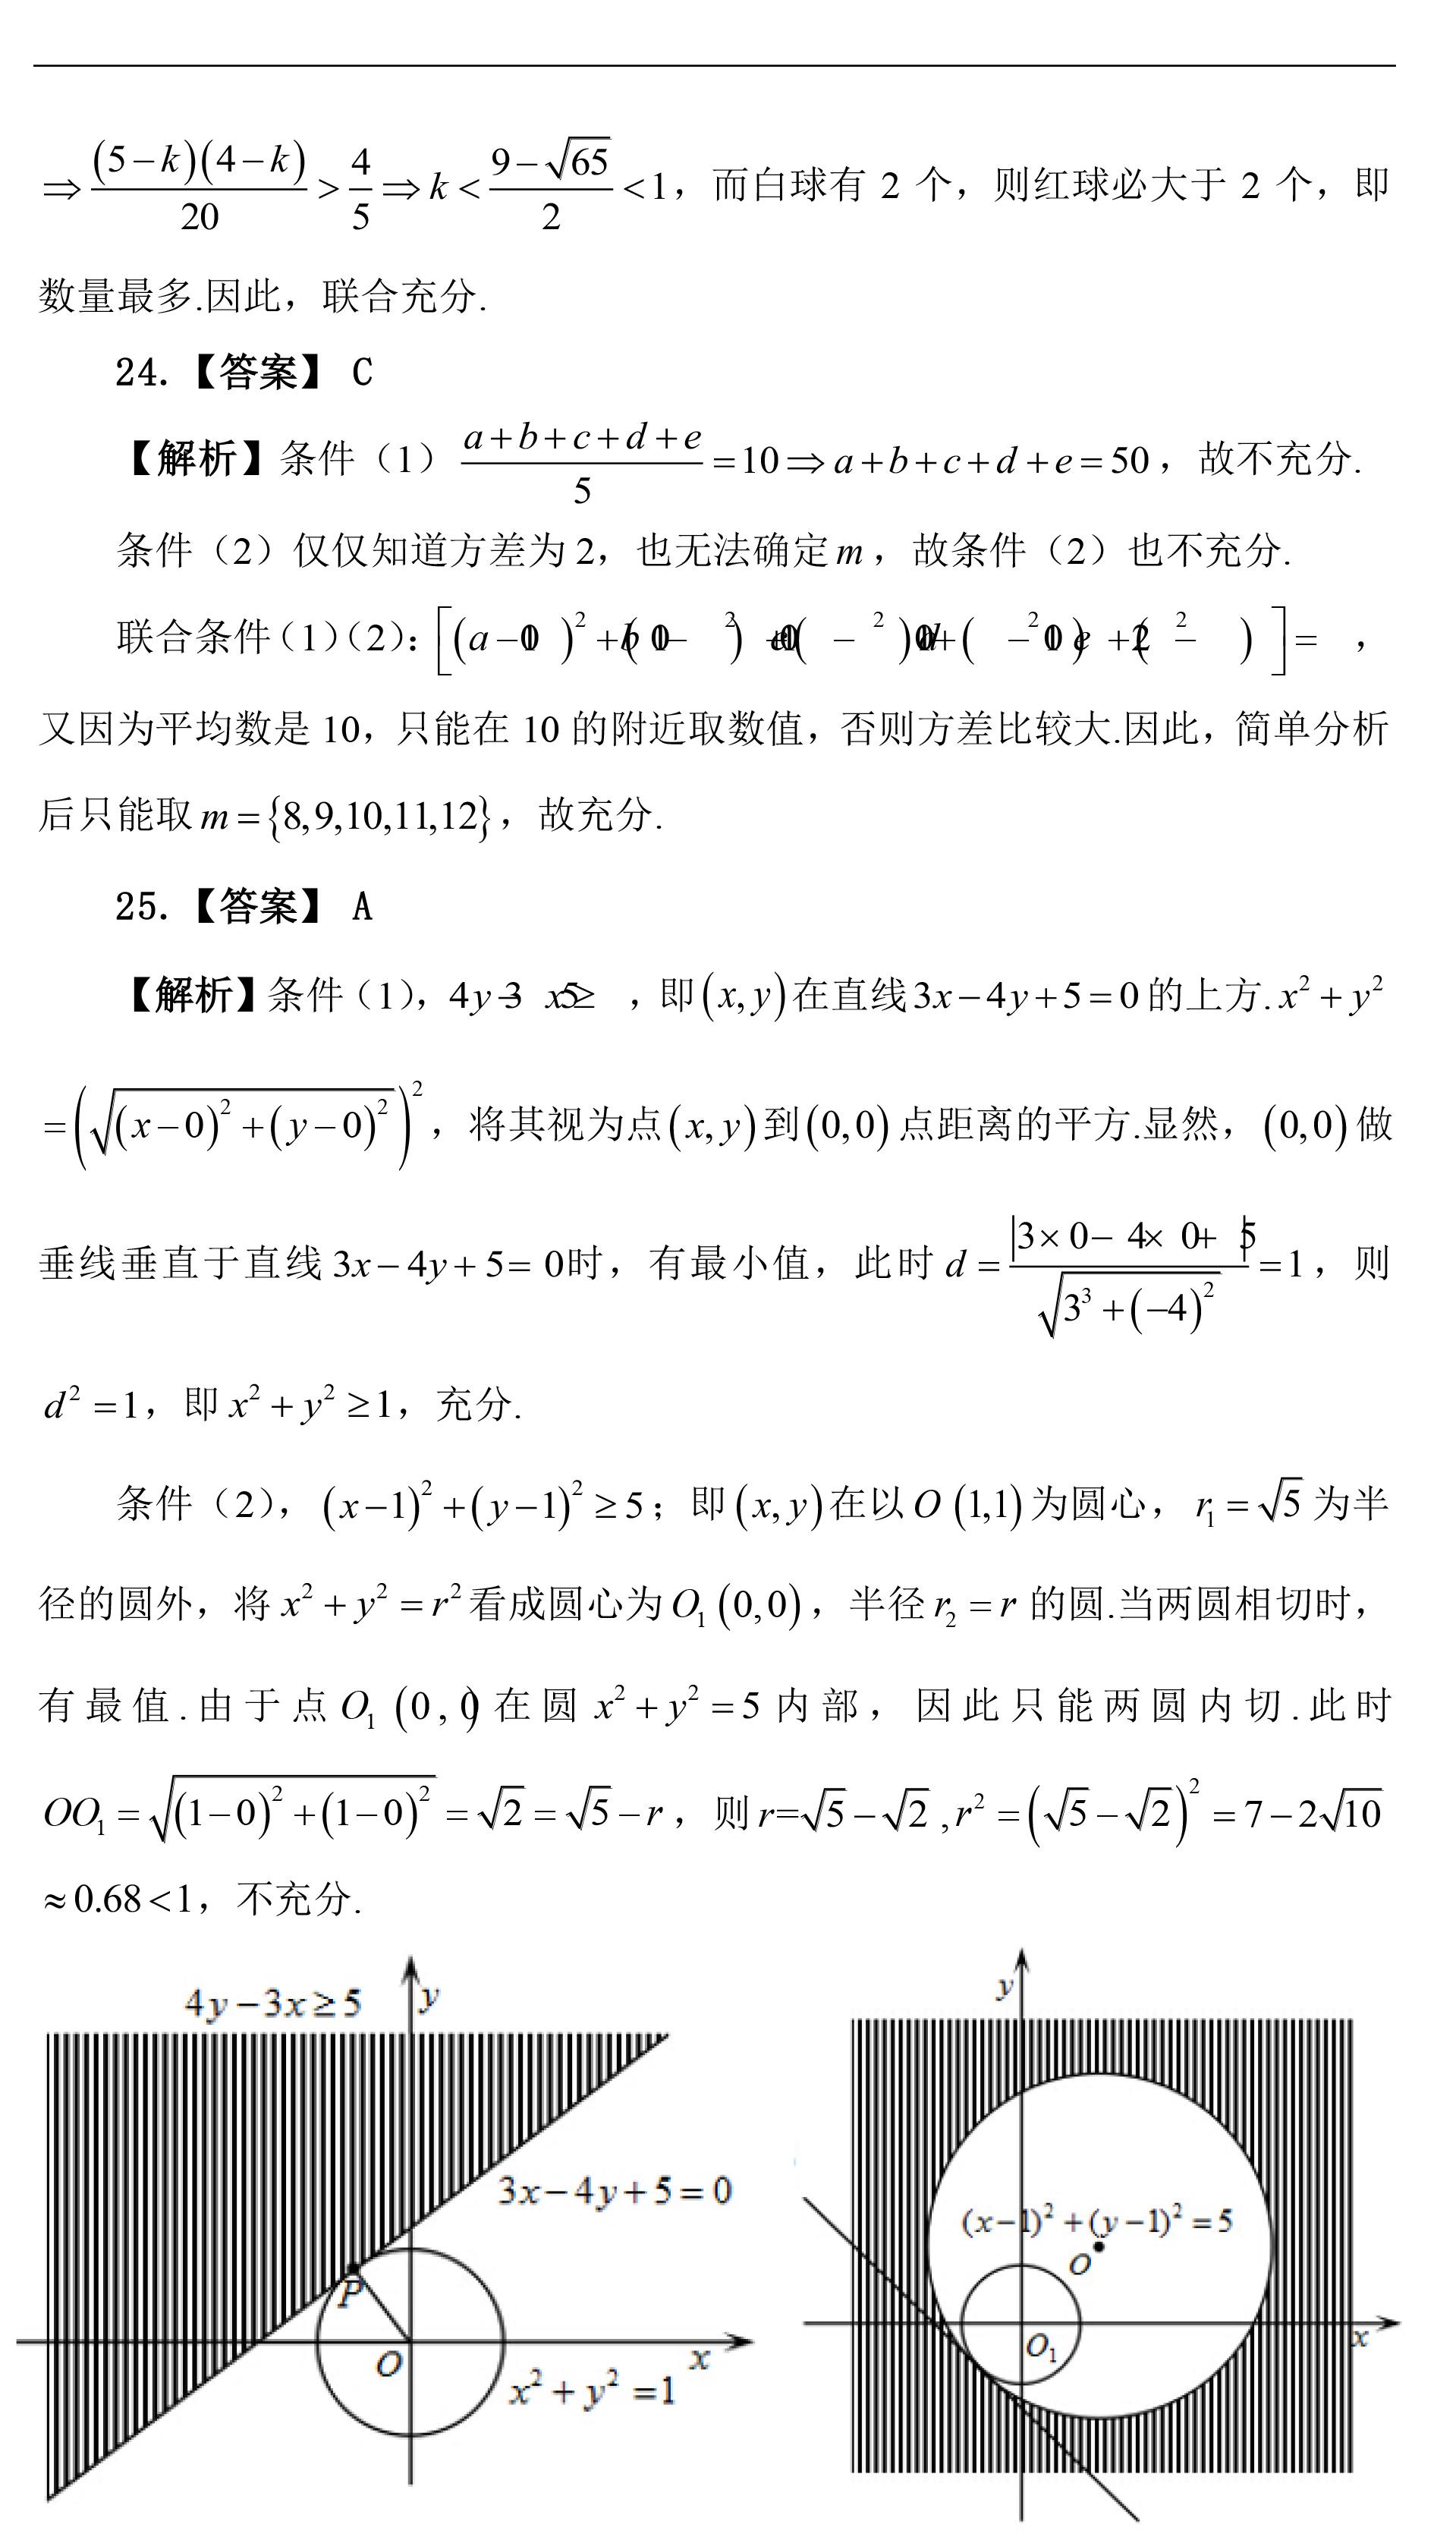 真题试卷集-综合-2014~2018-解析-6.jpg